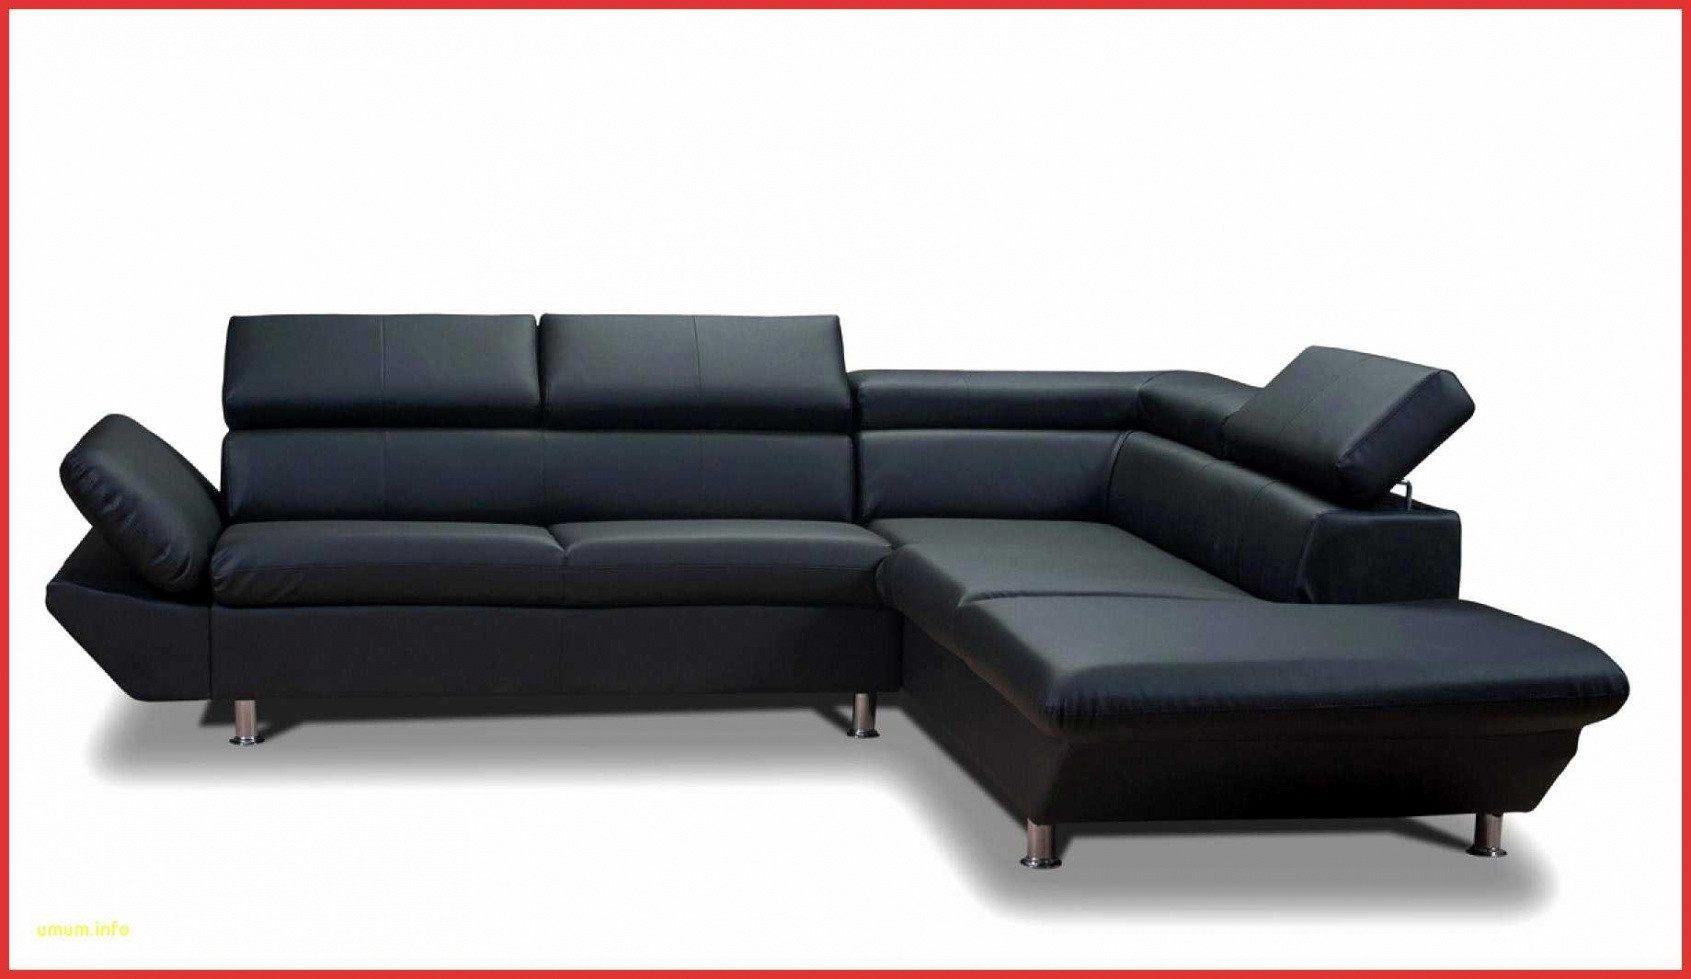 Canapé Lit Convertible Couchage Quotidien Meilleur De Frais Canapé Lit Couchage Quoti N Ikea 36 Superbe Canapé